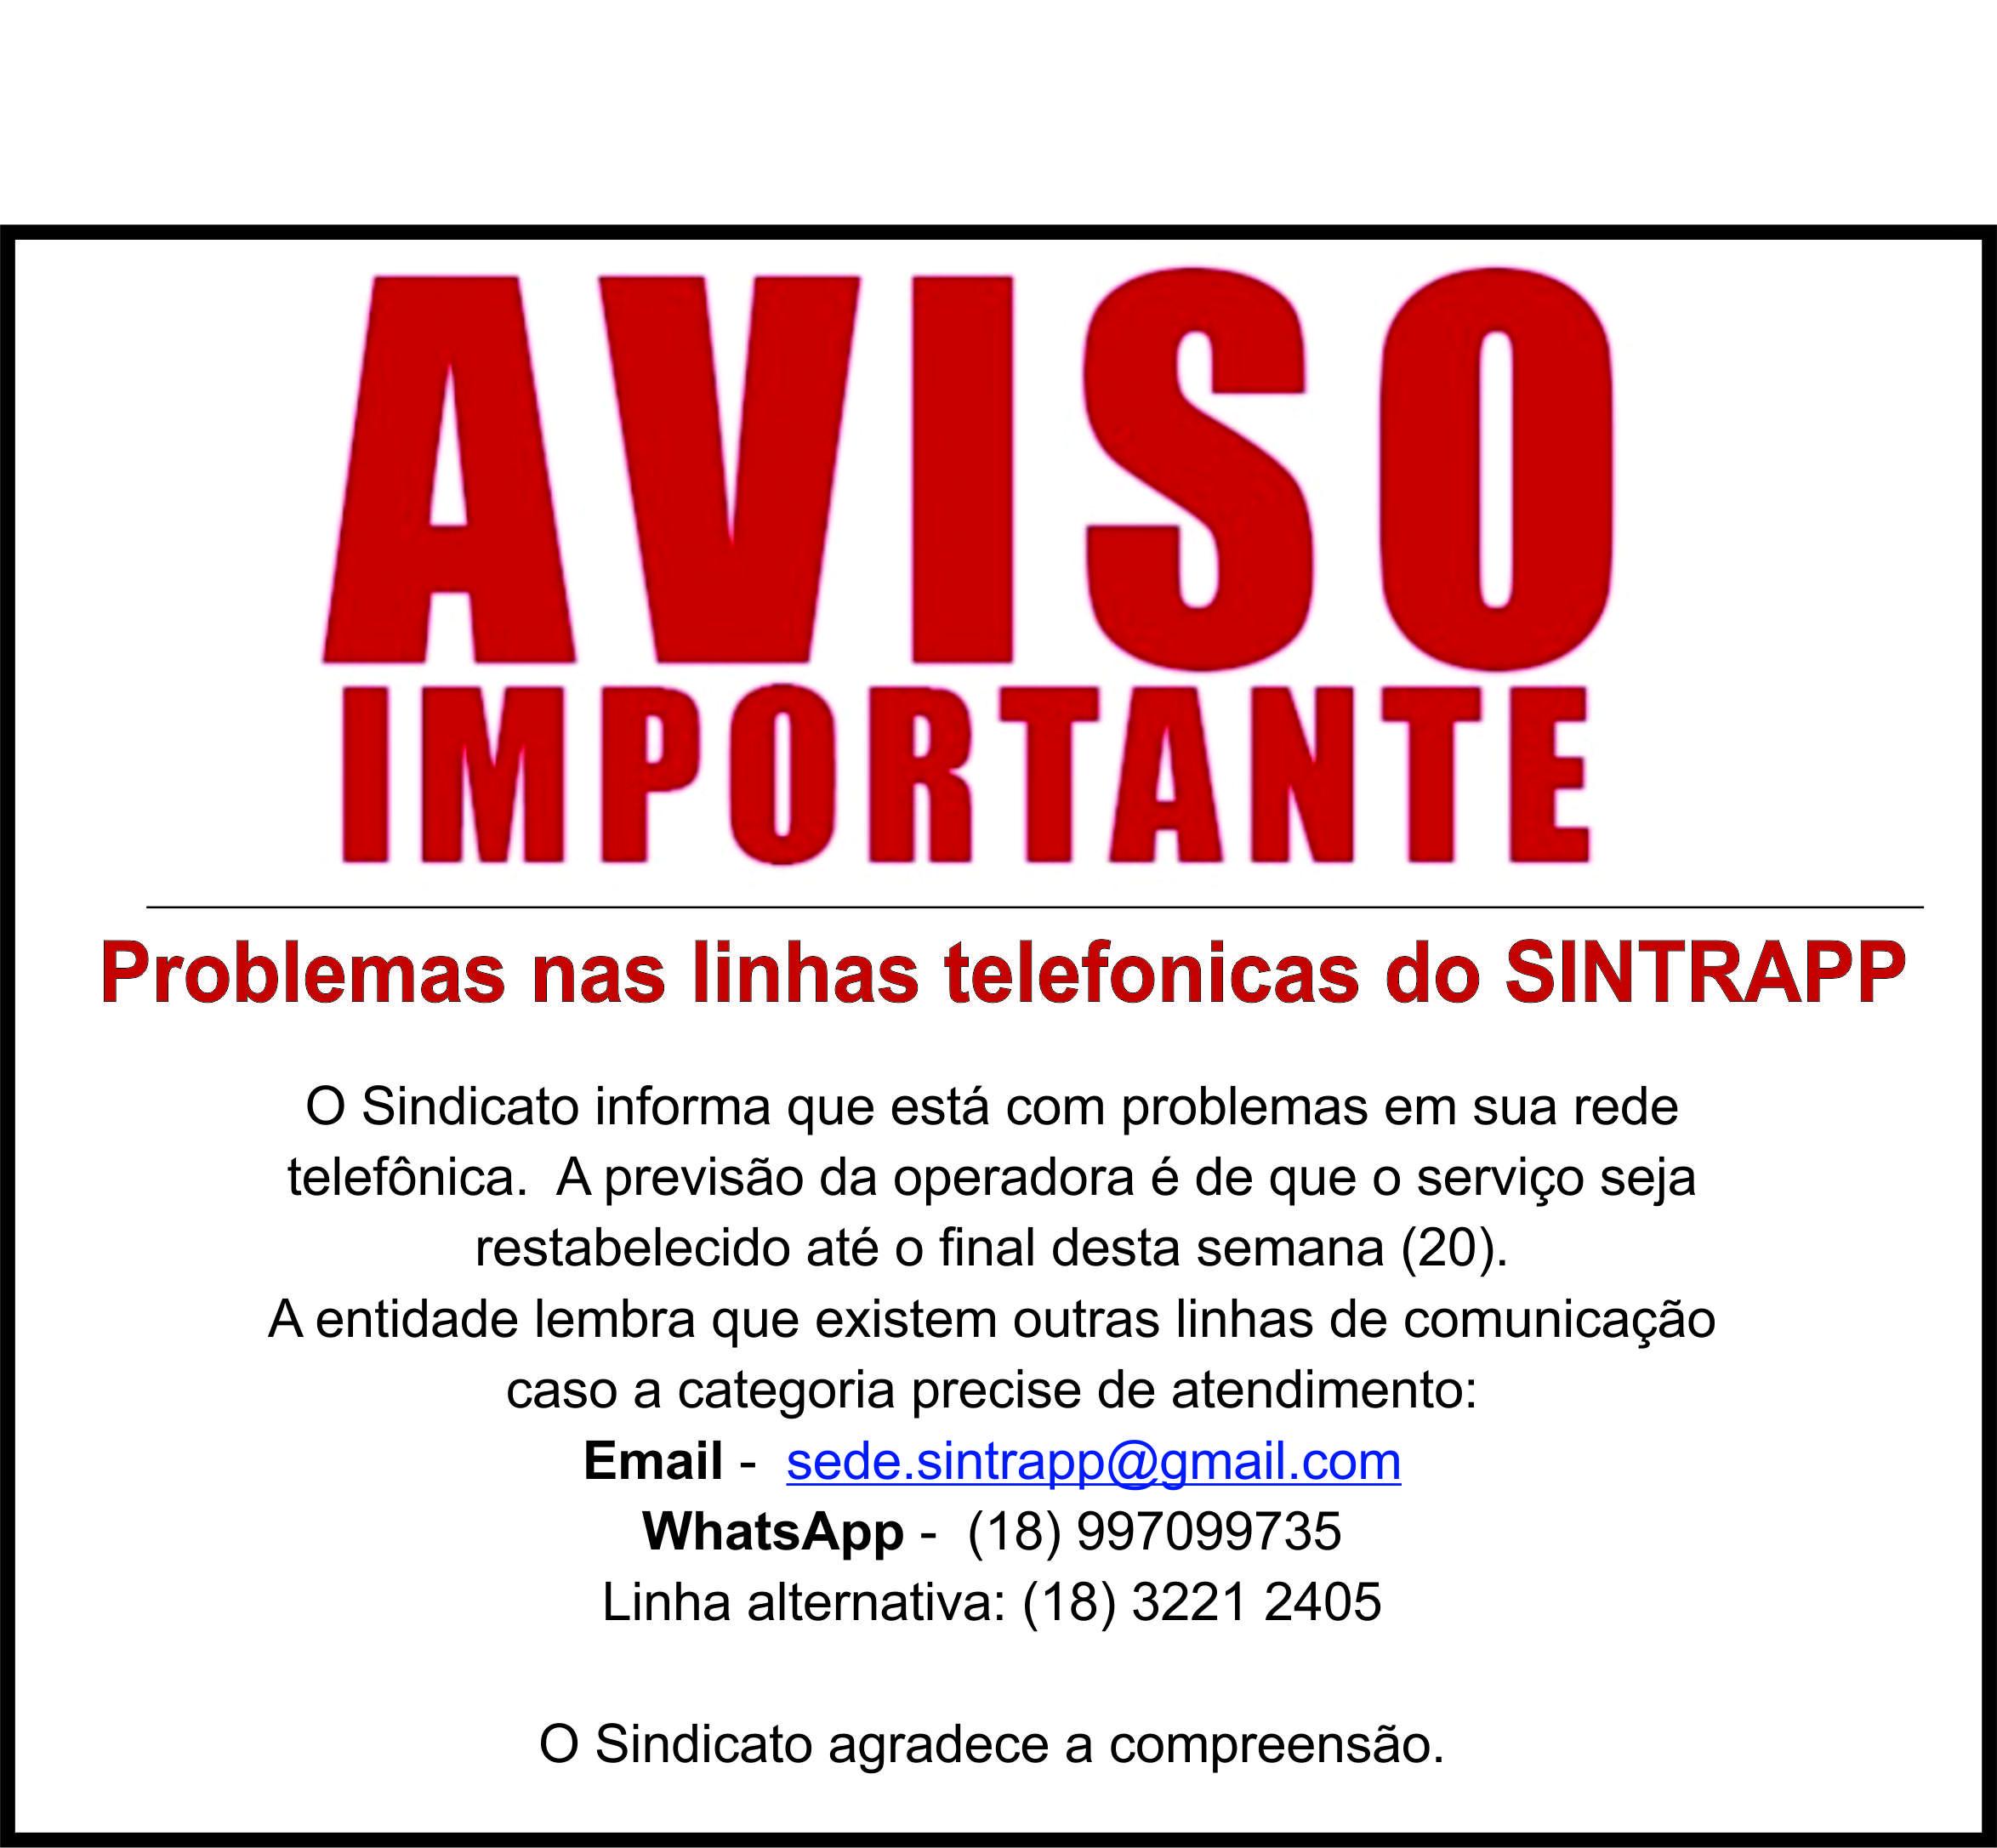 Problemas nas linhas telefônicas do Sintrapp